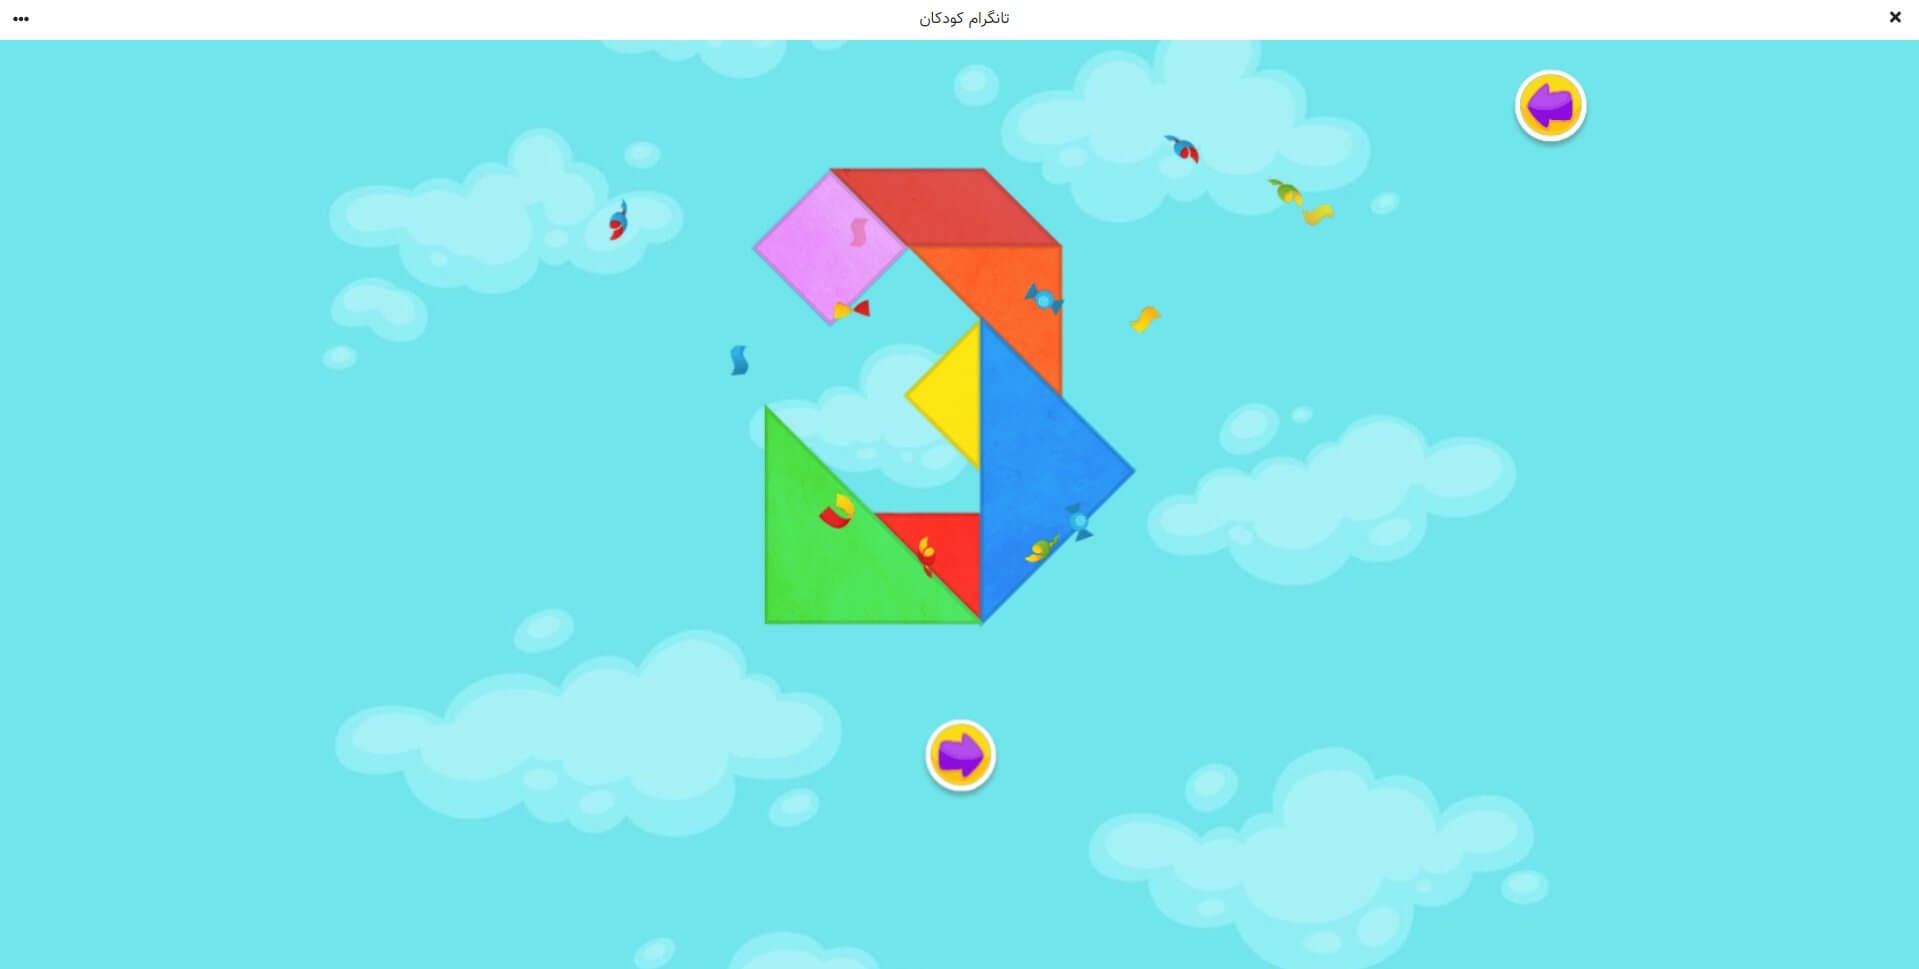 راهنمای بازی آنلاین تانگرام کودکان